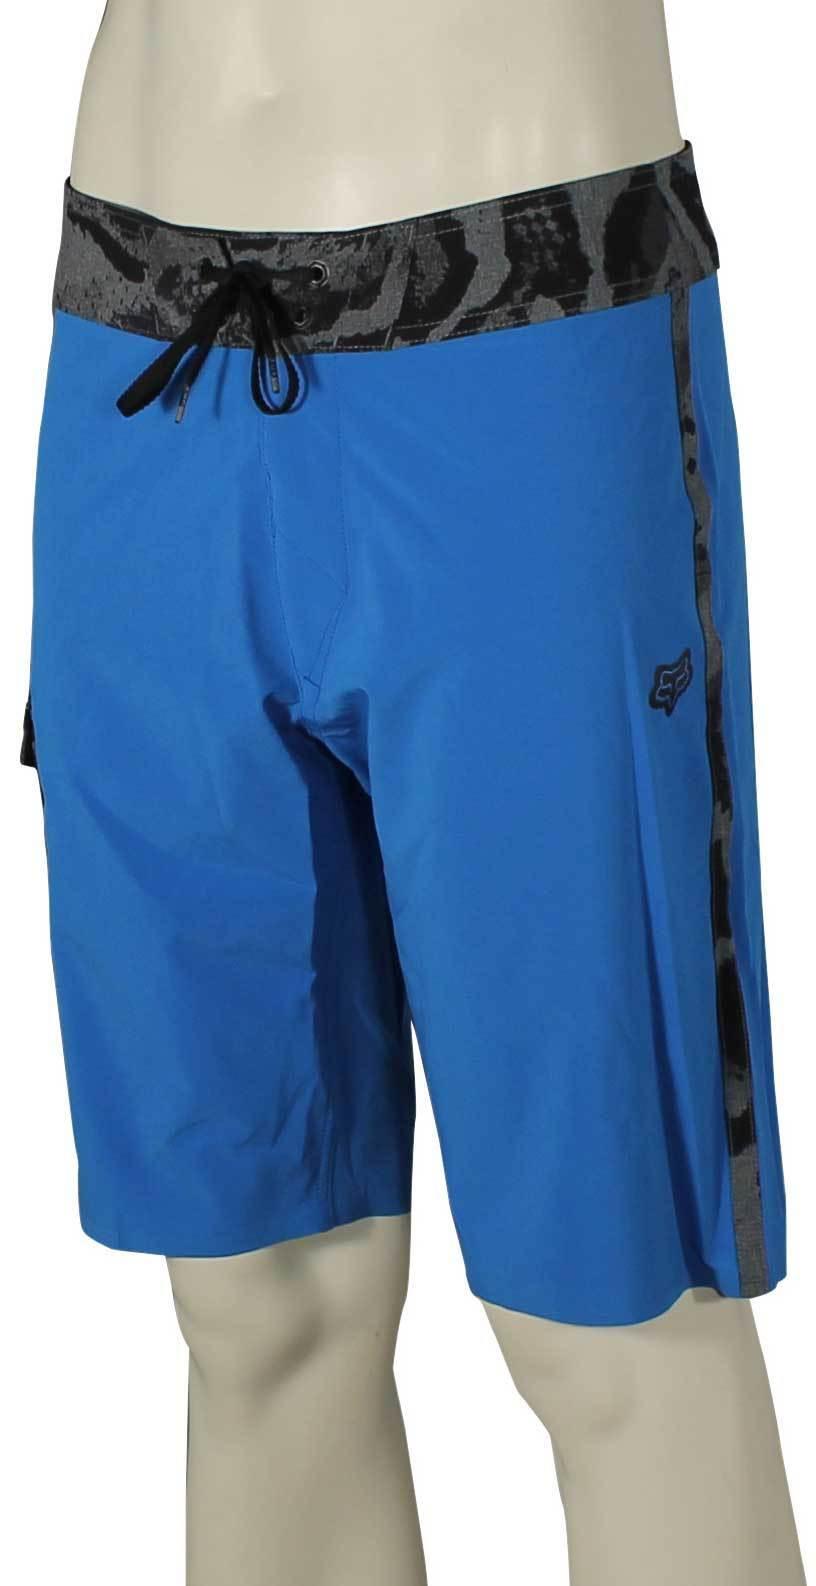 Fox Camino Boardshorts - bluee - New